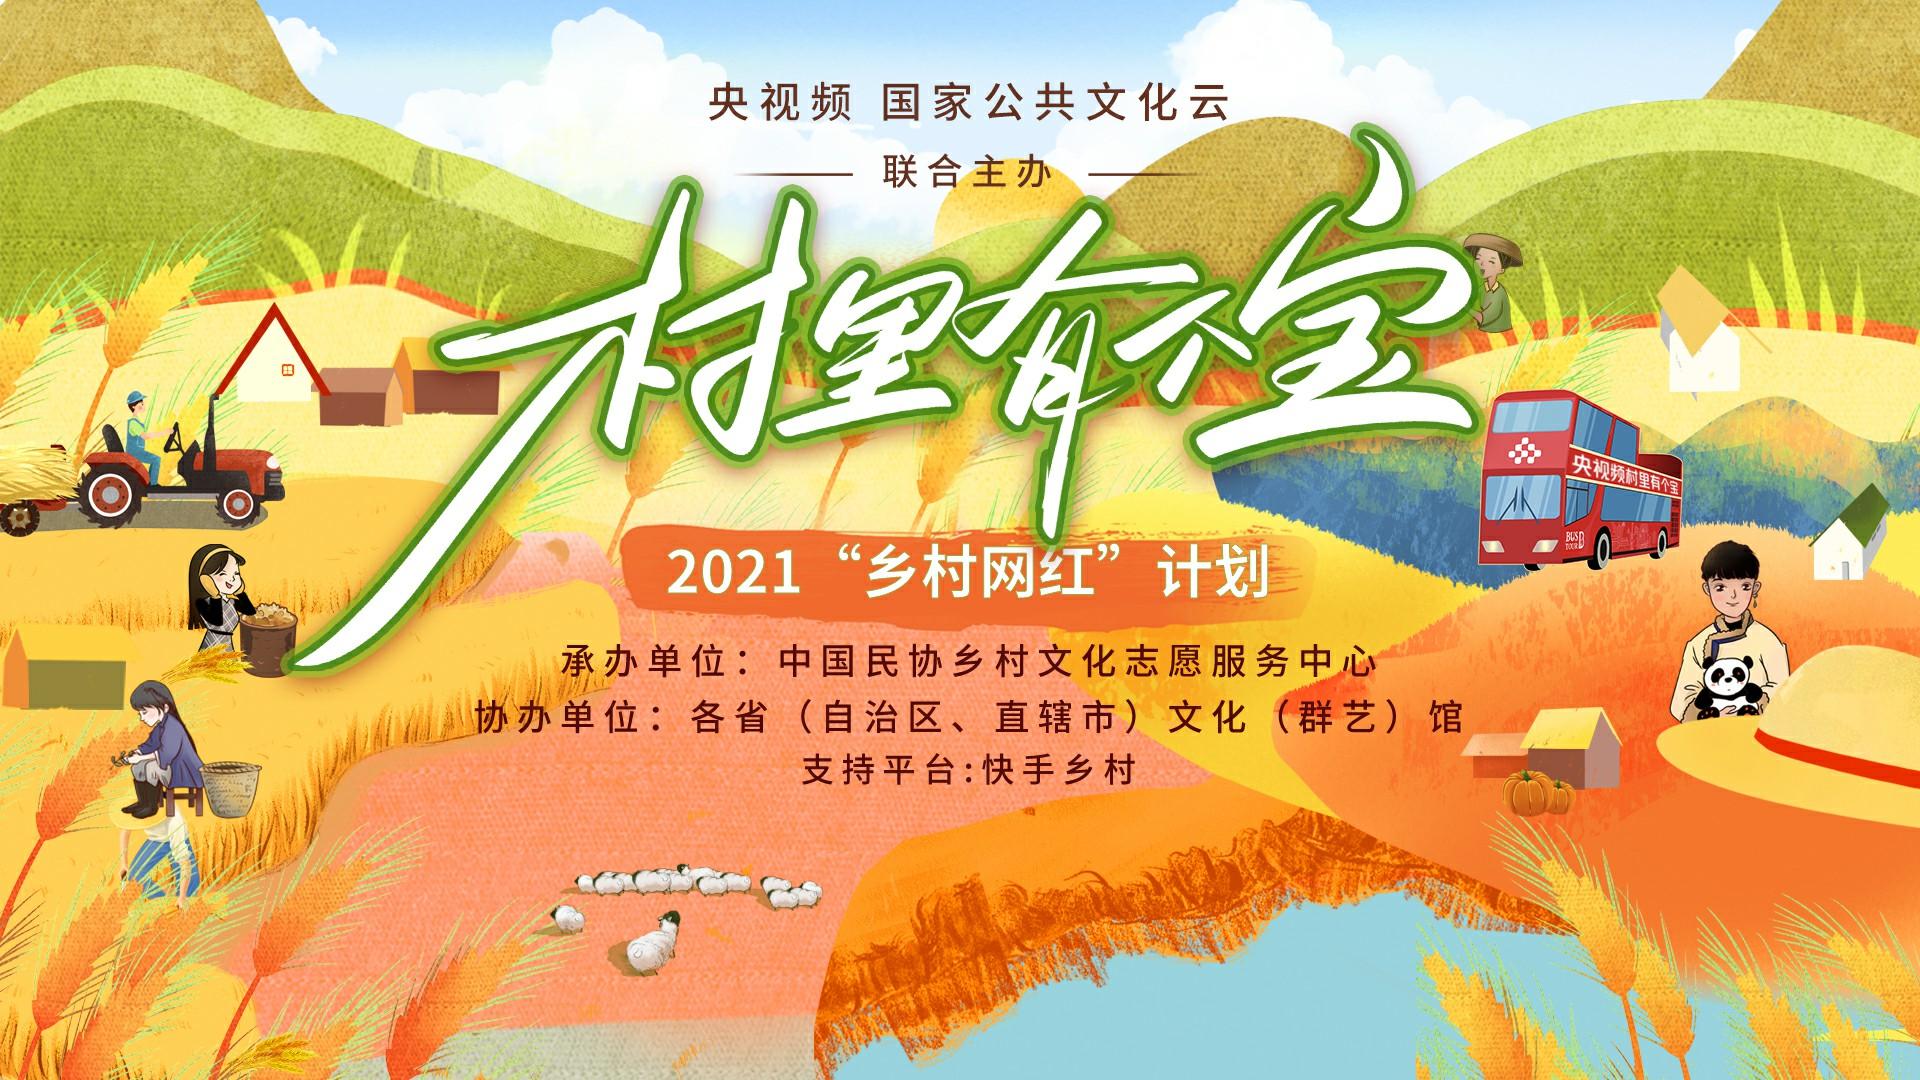 """2021乡村网红计划""""村里有个宝"""""""